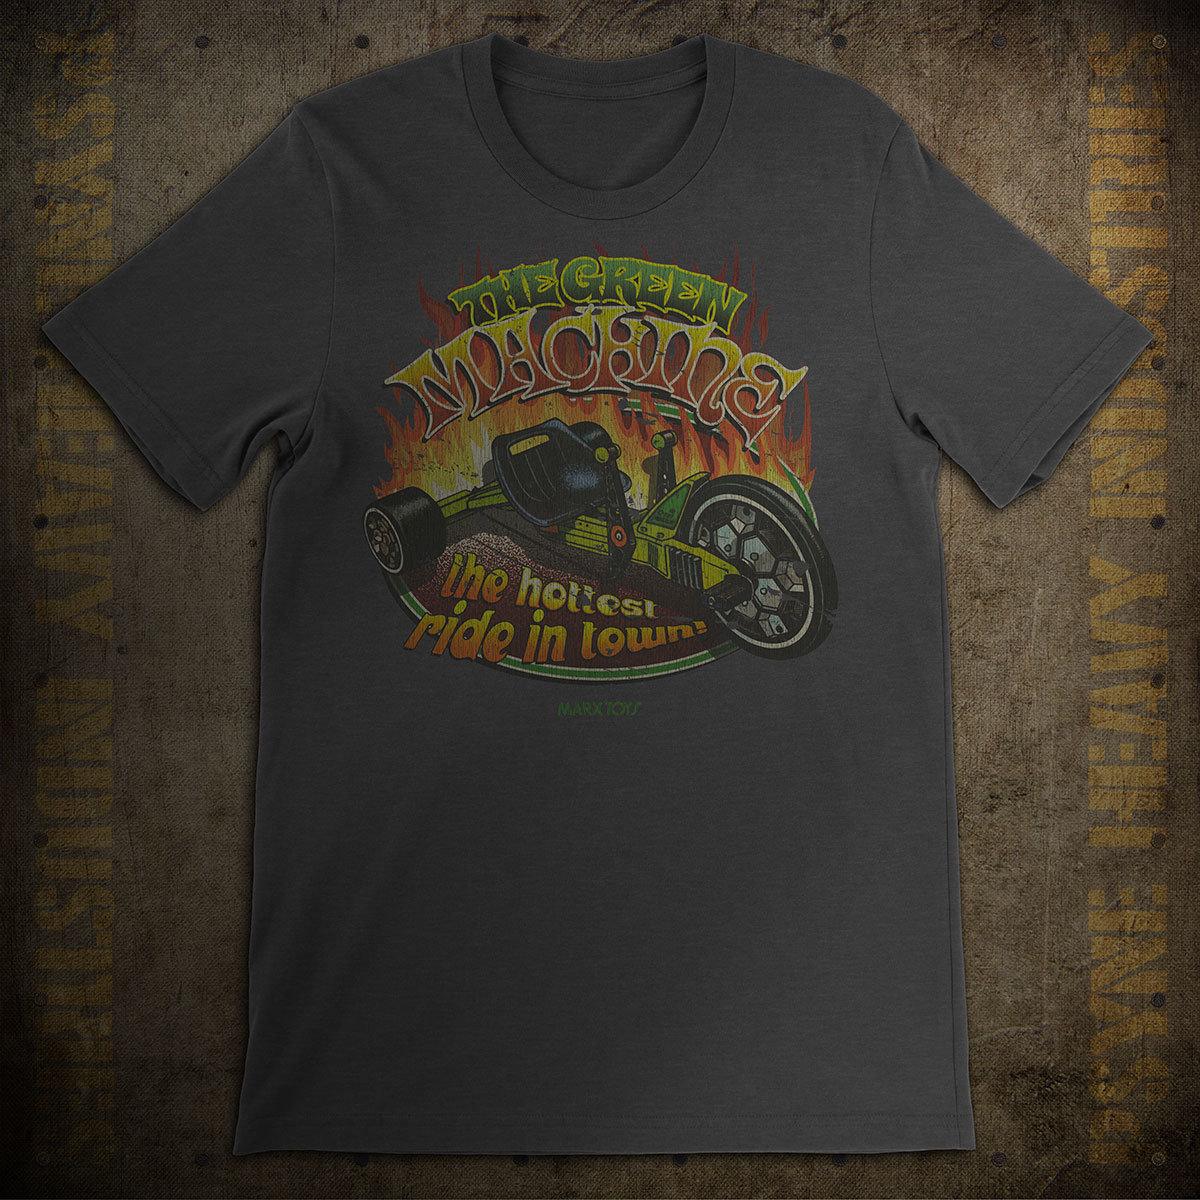 Green Machine Vintage T-Shirt